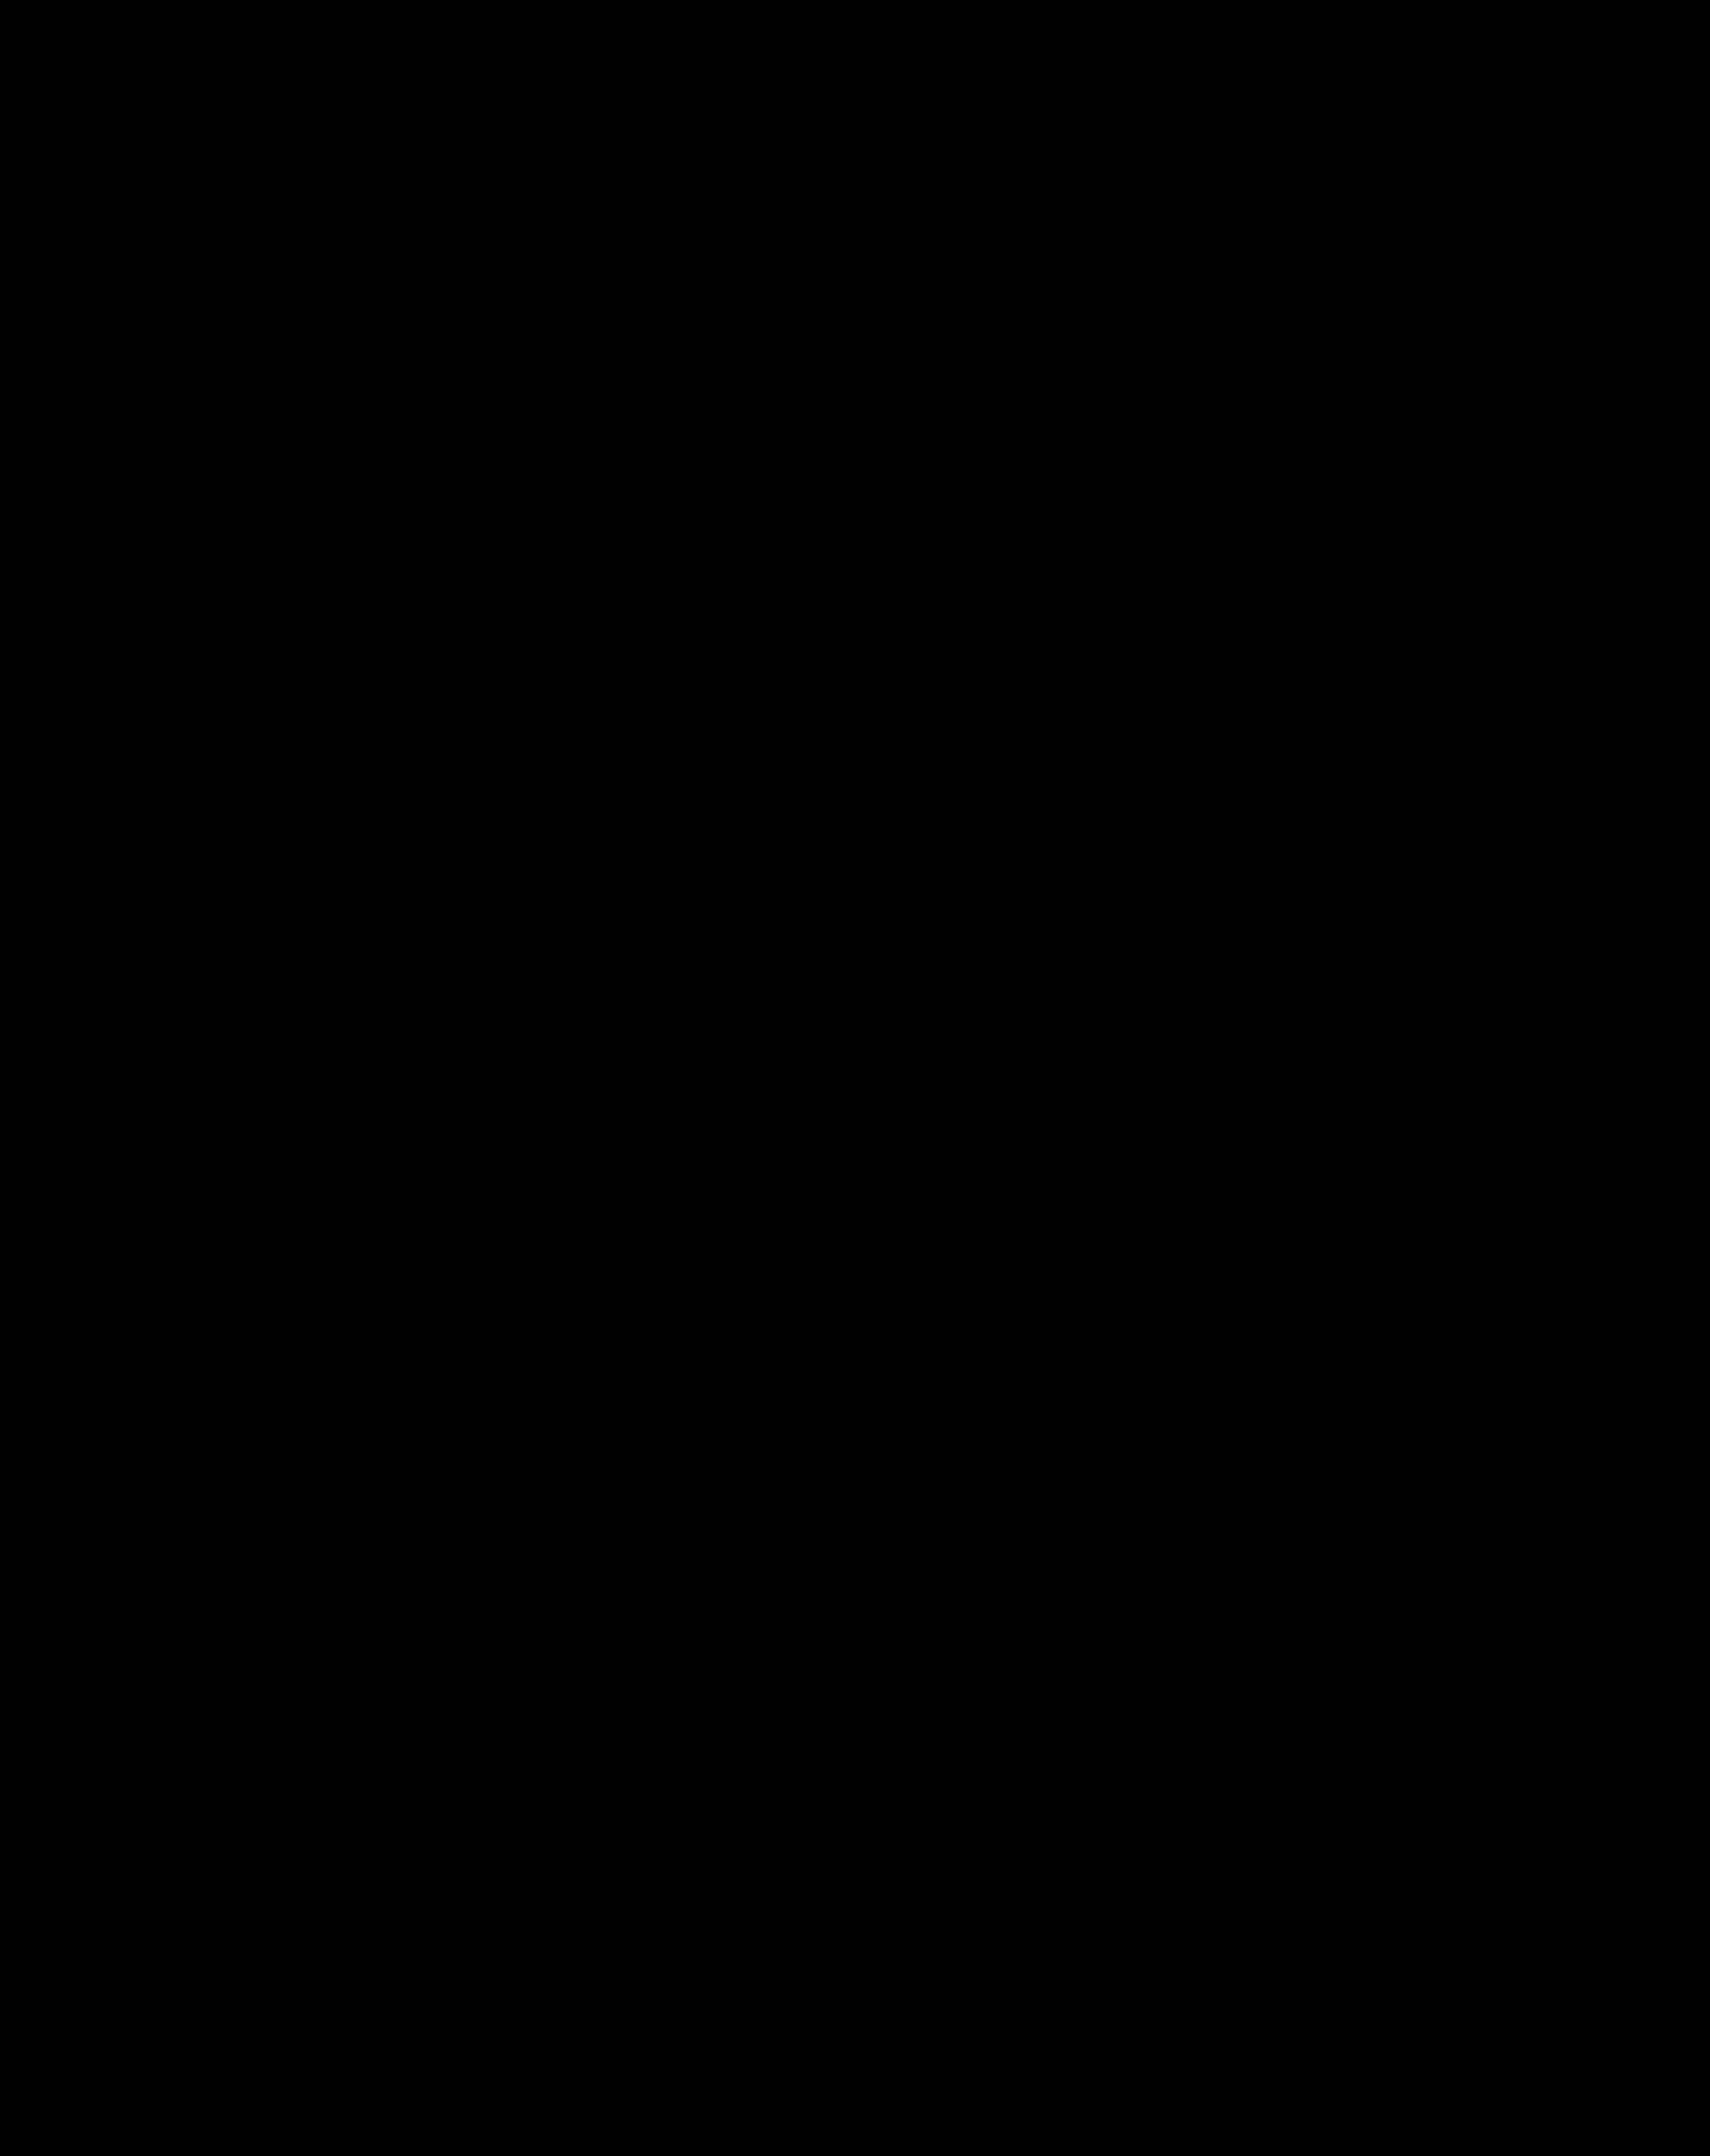 Plan Cul Cougar Perigueux 24000 Avec Mature Cherche Jeune Mec